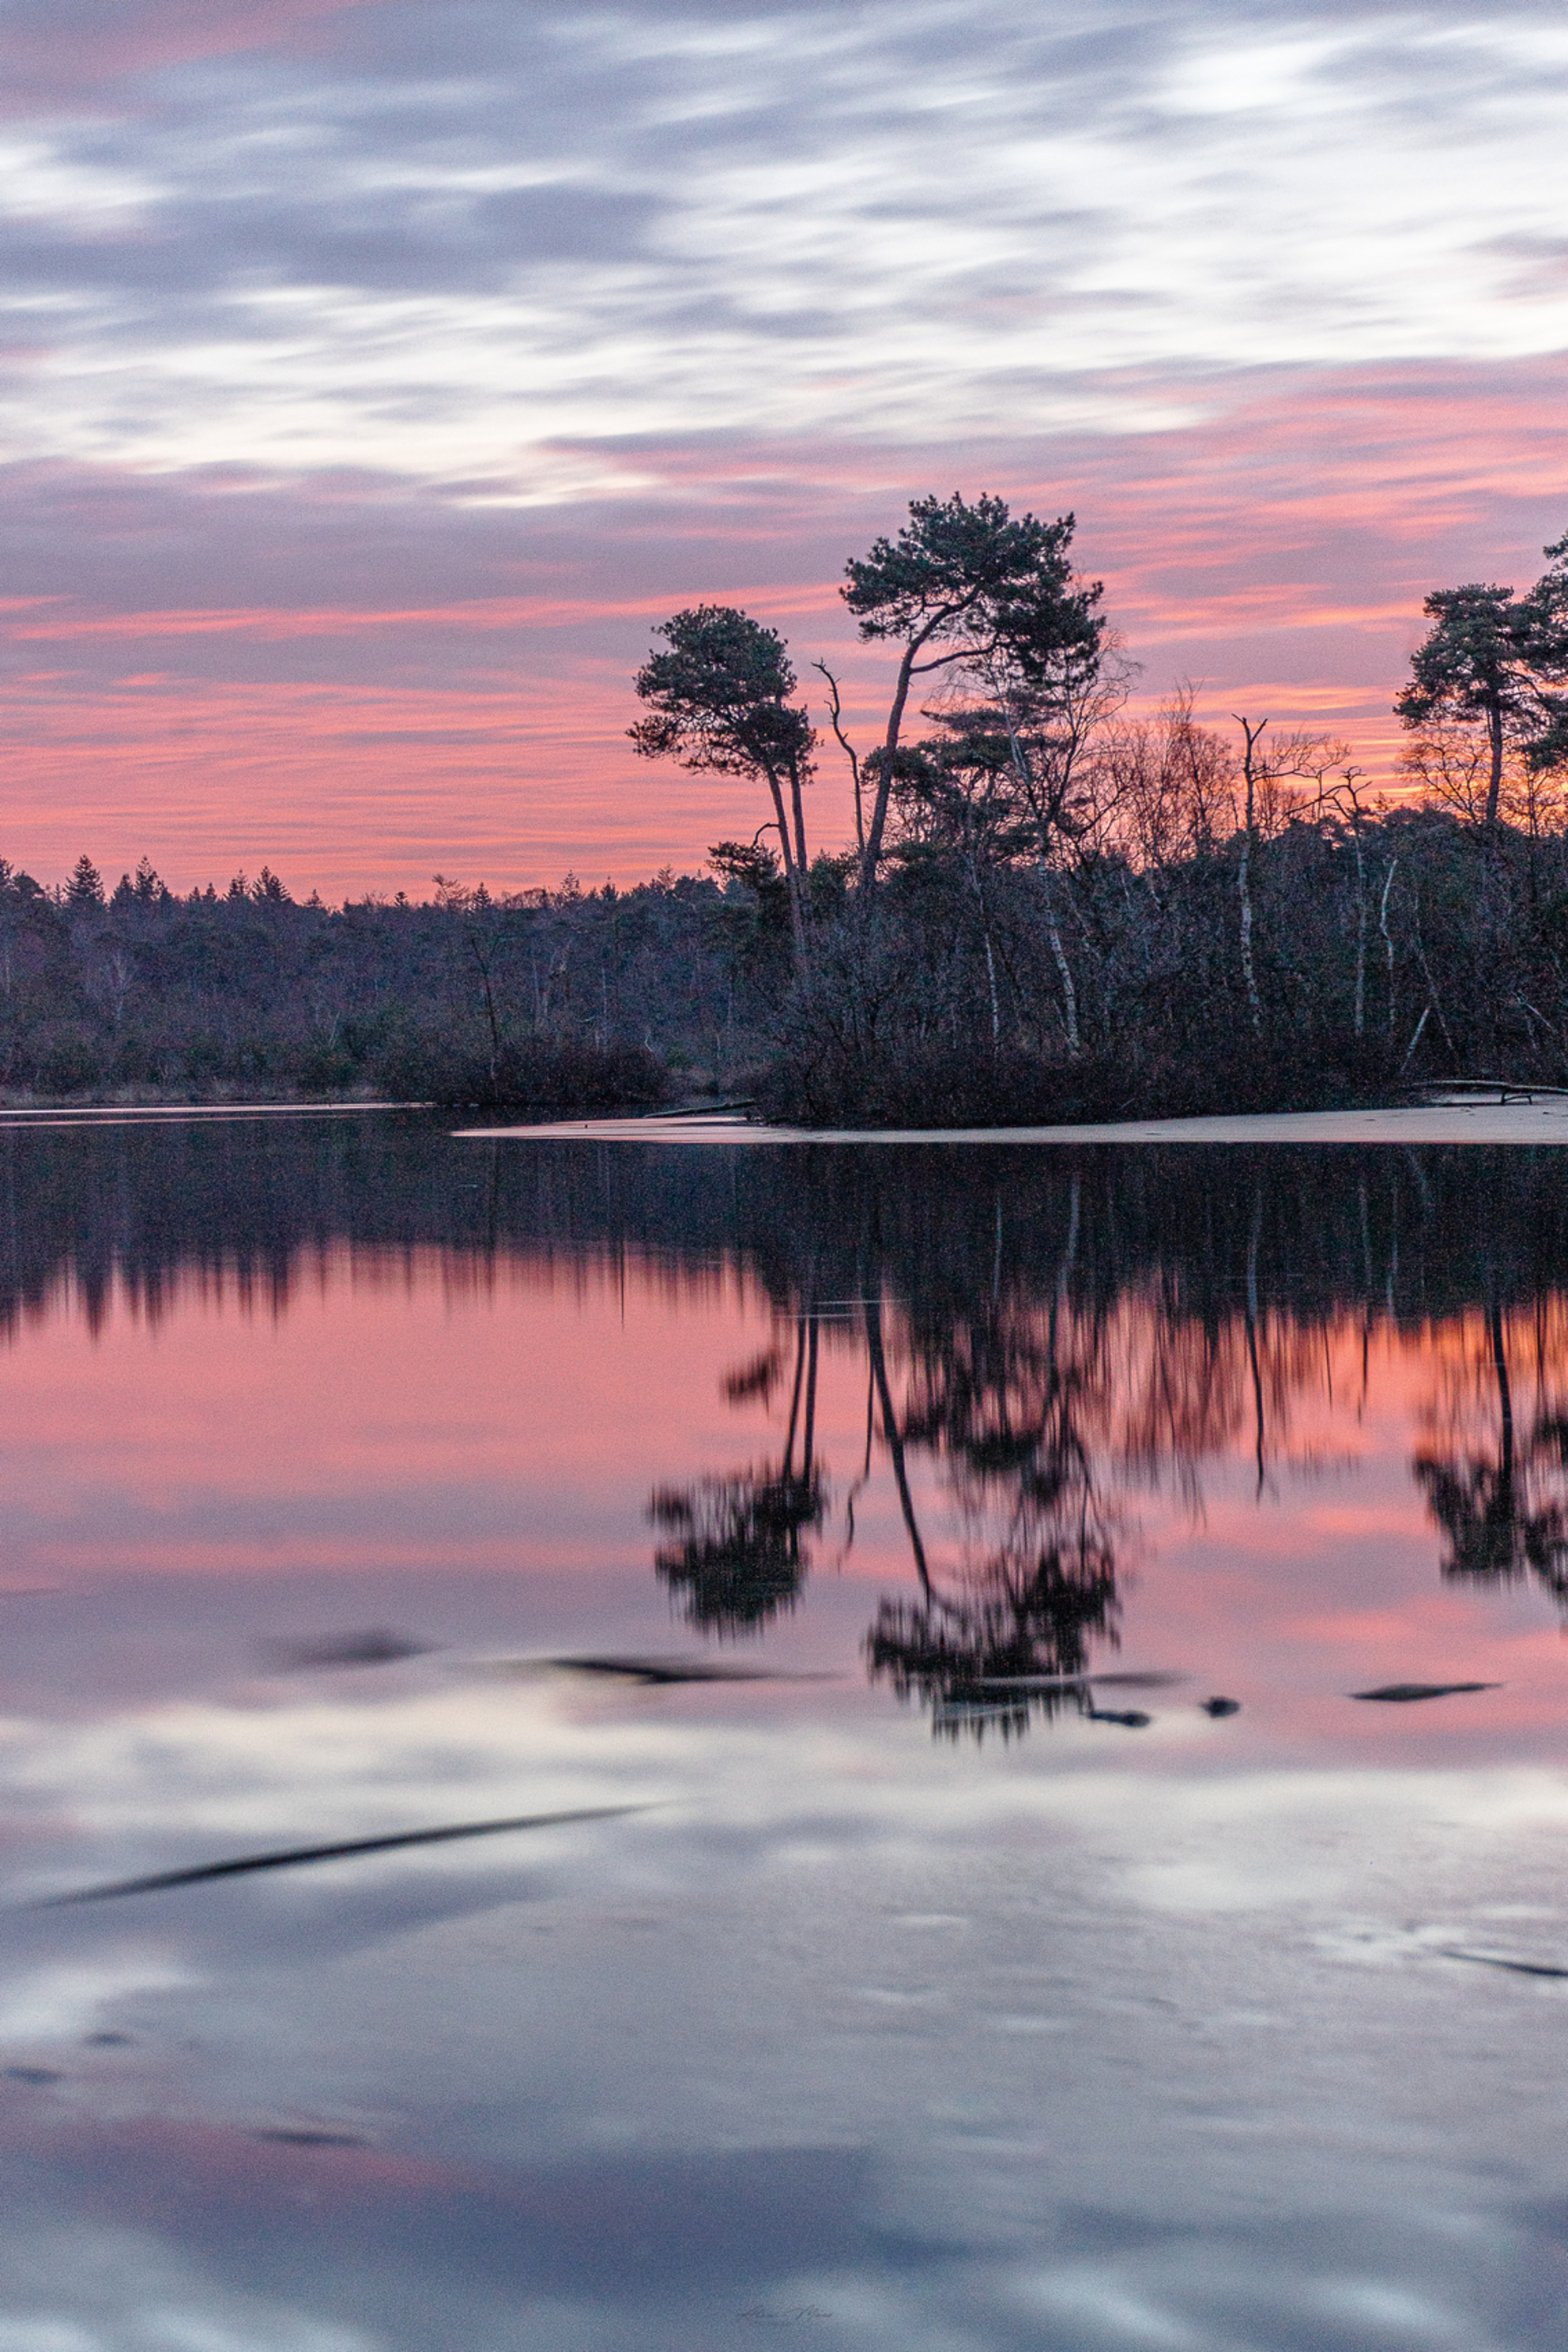 Red Velvet ❤️ - Prachtige ochtend met de roodgekleurde lucht! Heb ditmaal eens lange sluitertijd gebruikt, met gebruik van een ND filter en Grijsverloopfilter! Zo ho - foto door Alex-Maas1 op 27-02-2021 - deze foto bevat: lucht, wolken, zon, water, natuur, licht, spiegeling, landschap, bos, tegenlicht, zonsopkomst, bomen, meer, lange sluitertijd - Deze foto mag gebruikt worden in een Zoom.nl publicatie